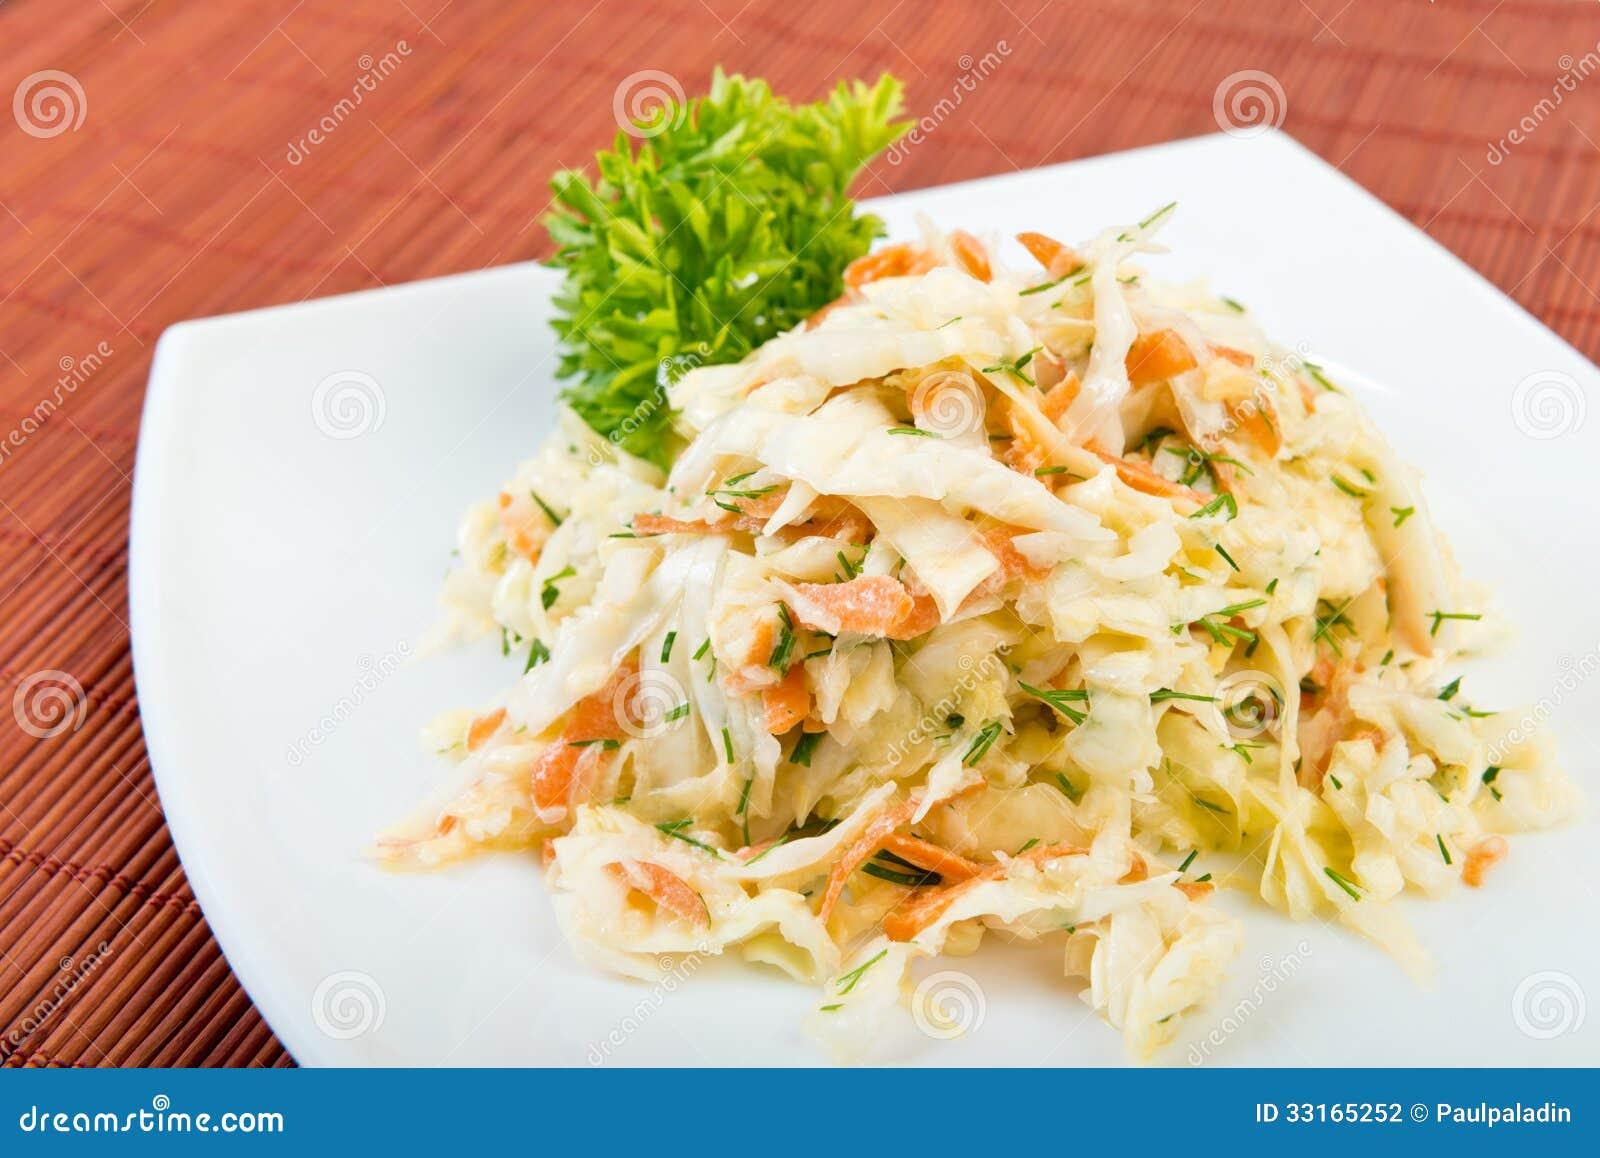 Постный салат из китайской капусты рецепты